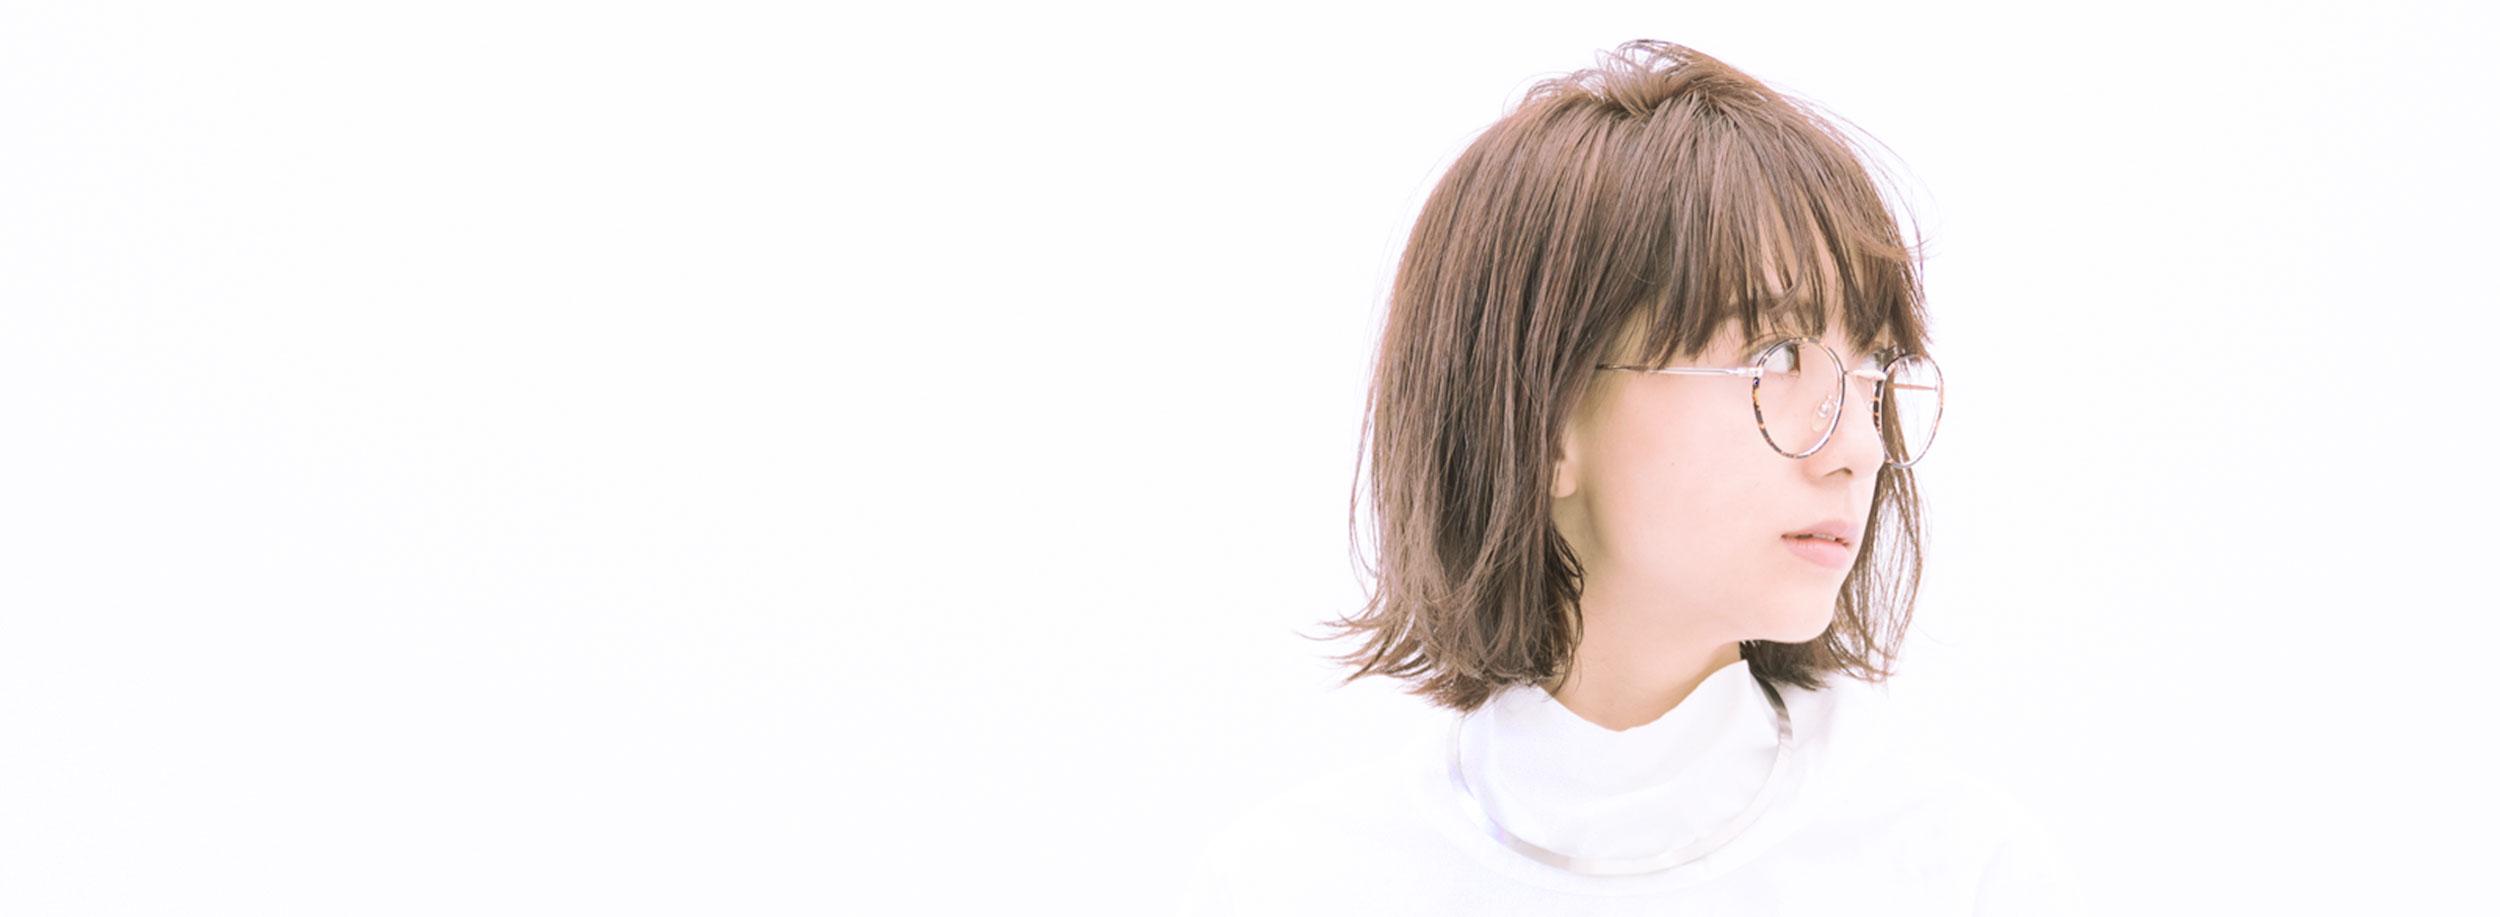 三重県伊勢市の美容院・美容室「SHIGERU CUT CLUB」